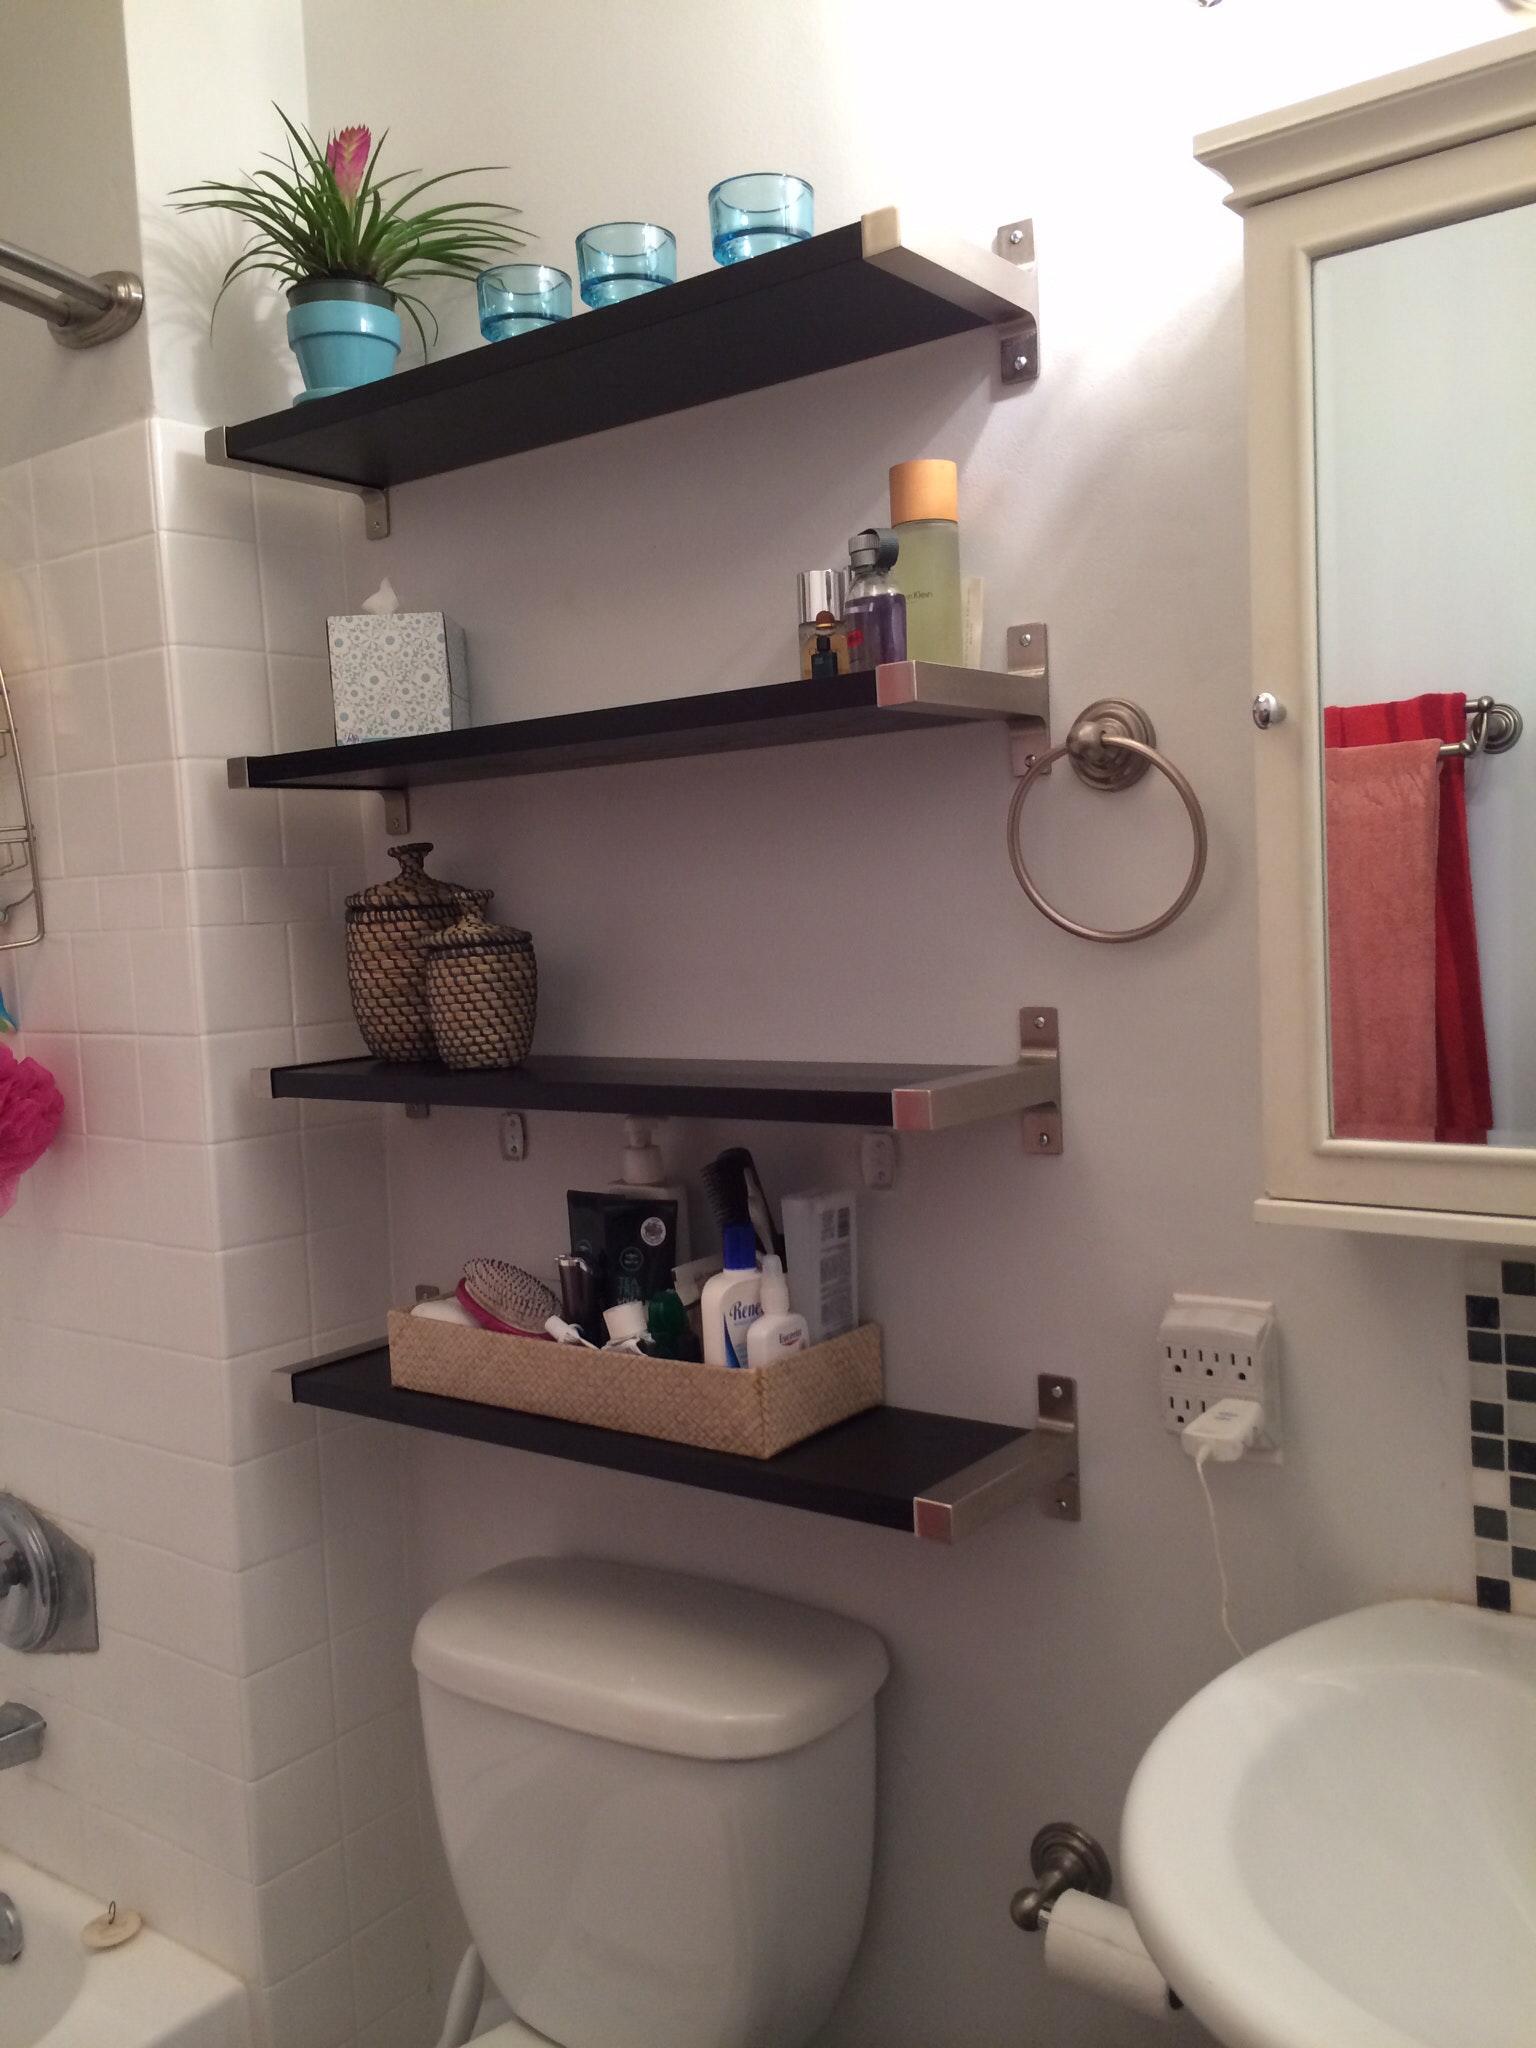 Как сделать шкаф в туалете за унитазом своими руками фото 845